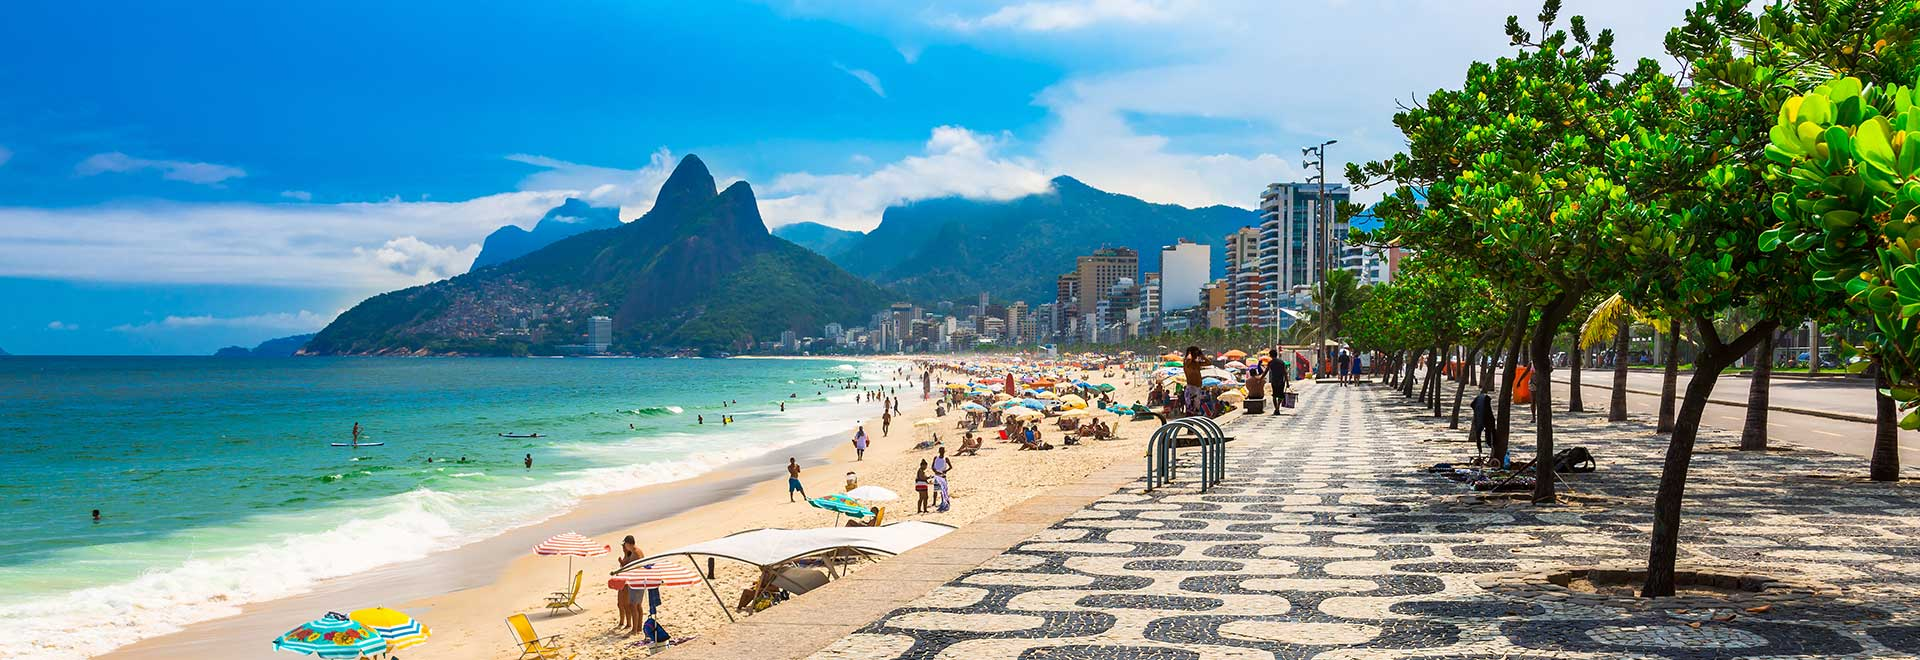 Invisible City Season 1- Take a look into the Brazilian culture